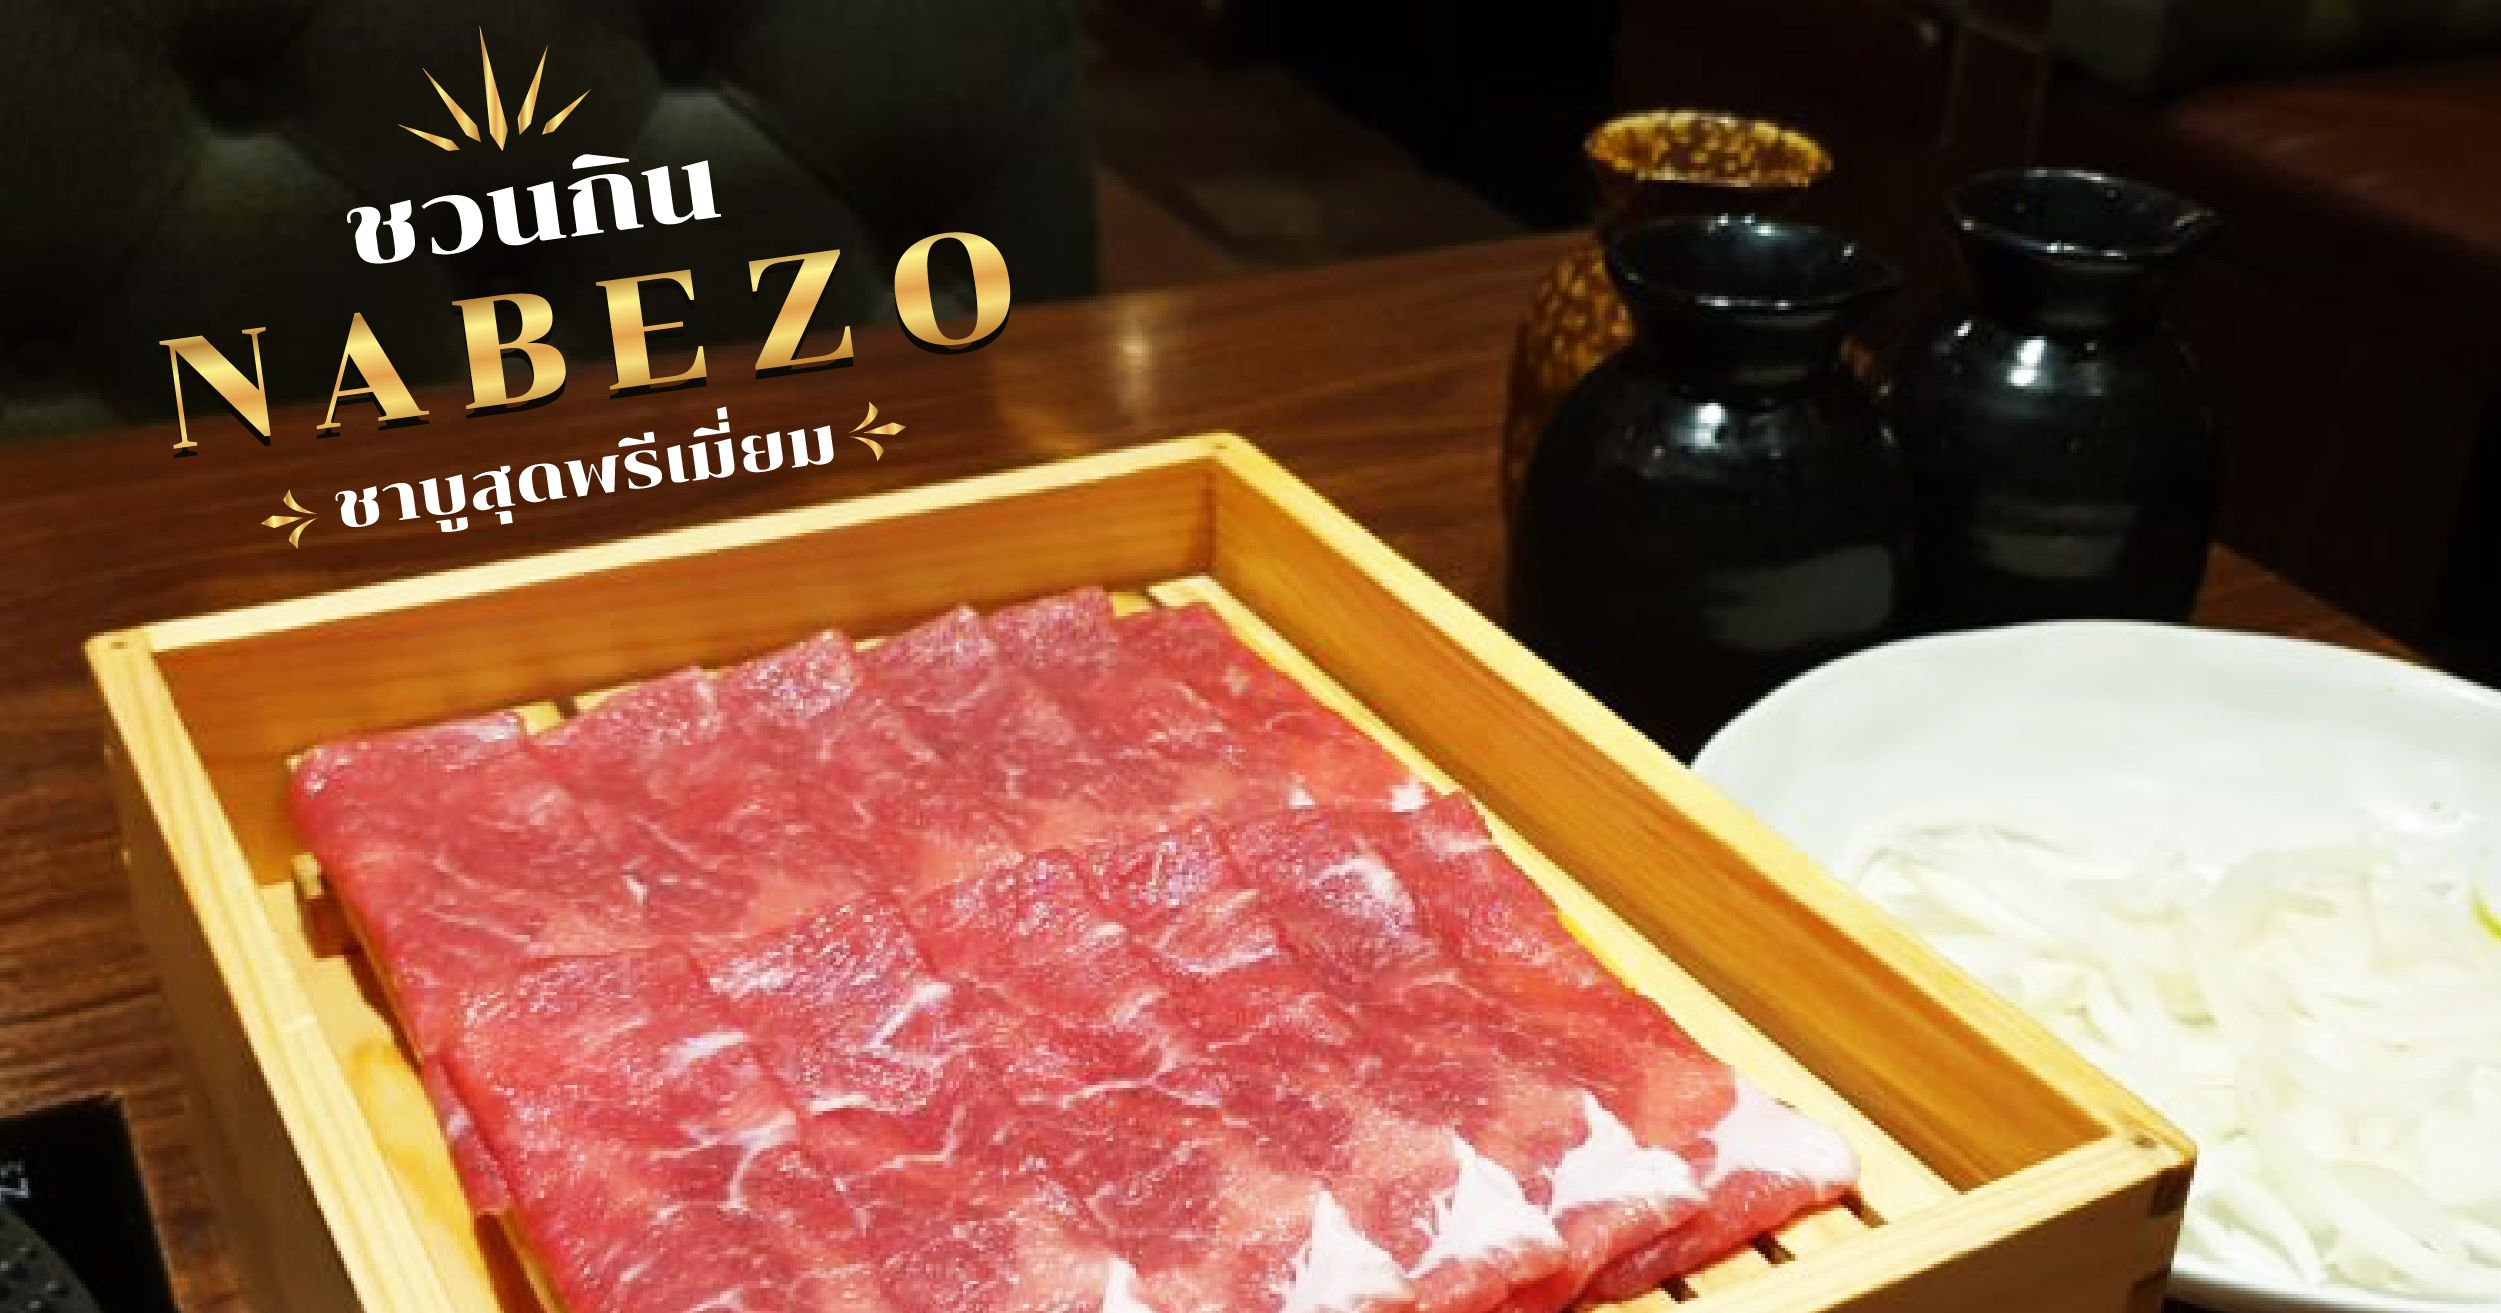 ชวนกิน Nabezo ชาบูสุดพรีเมี่ยม